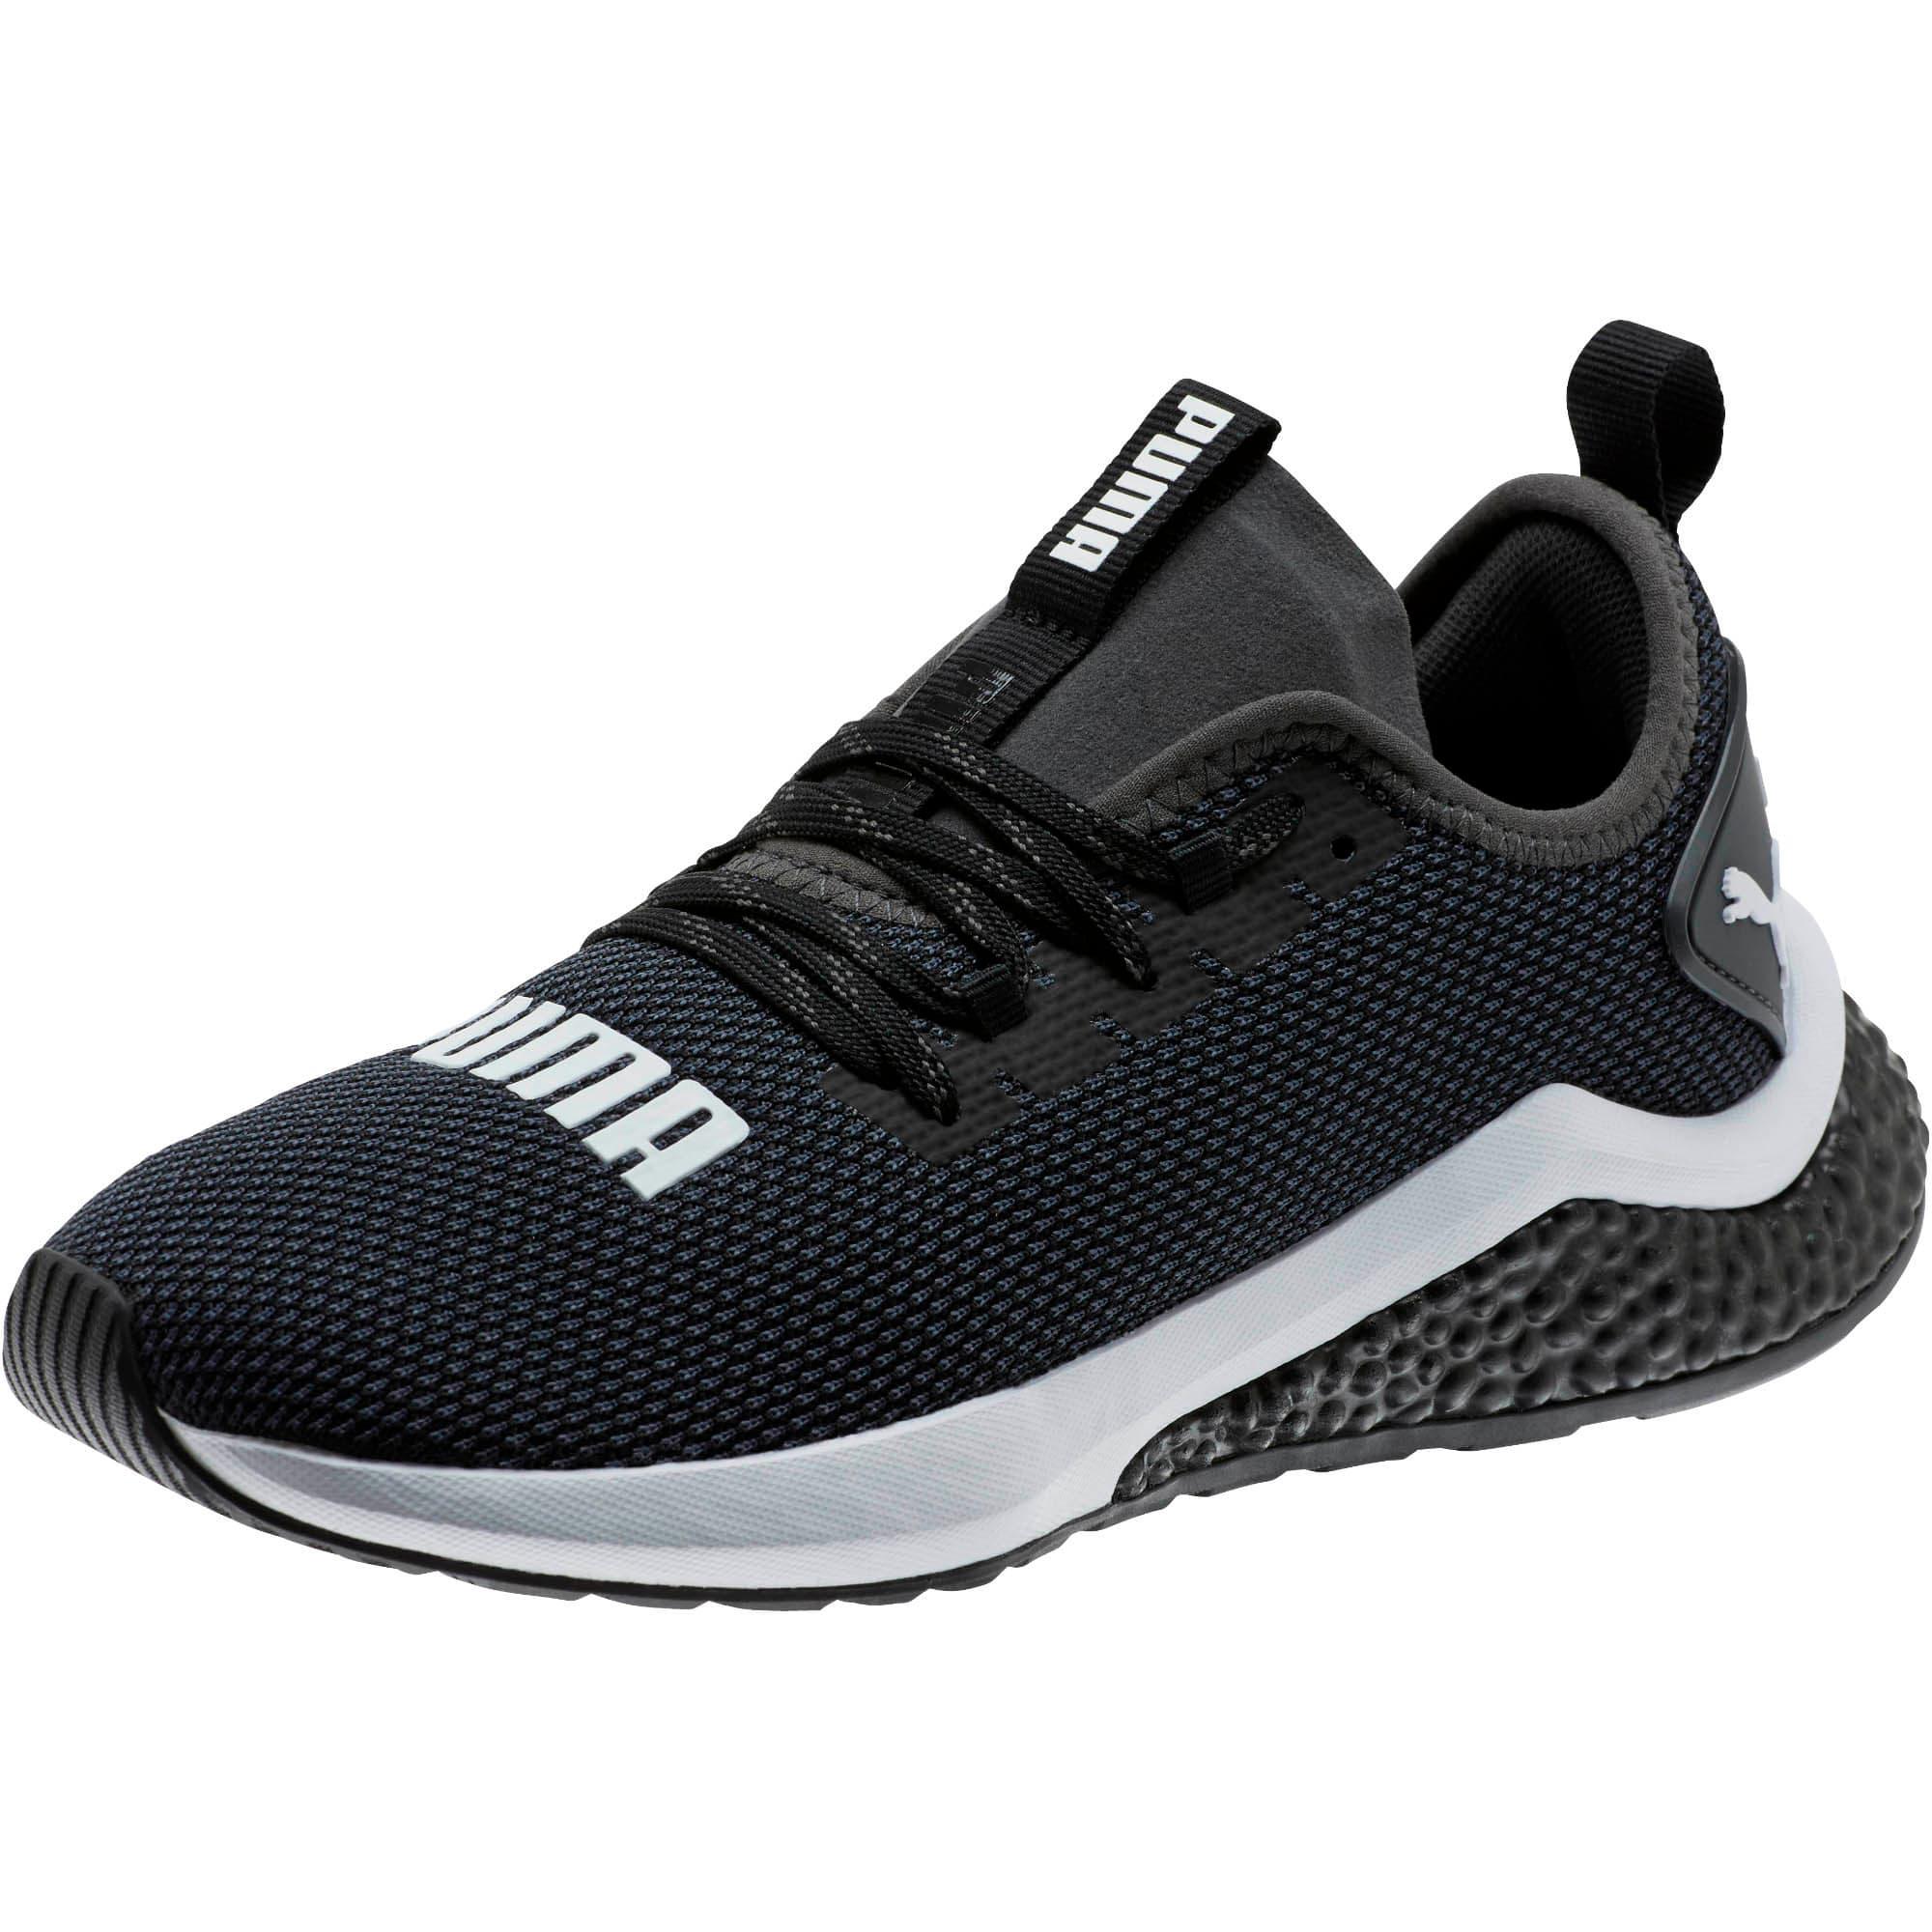 Thumbnail 1 of HYBRID NX Running Shoes JR, Puma Black-Puma White, medium